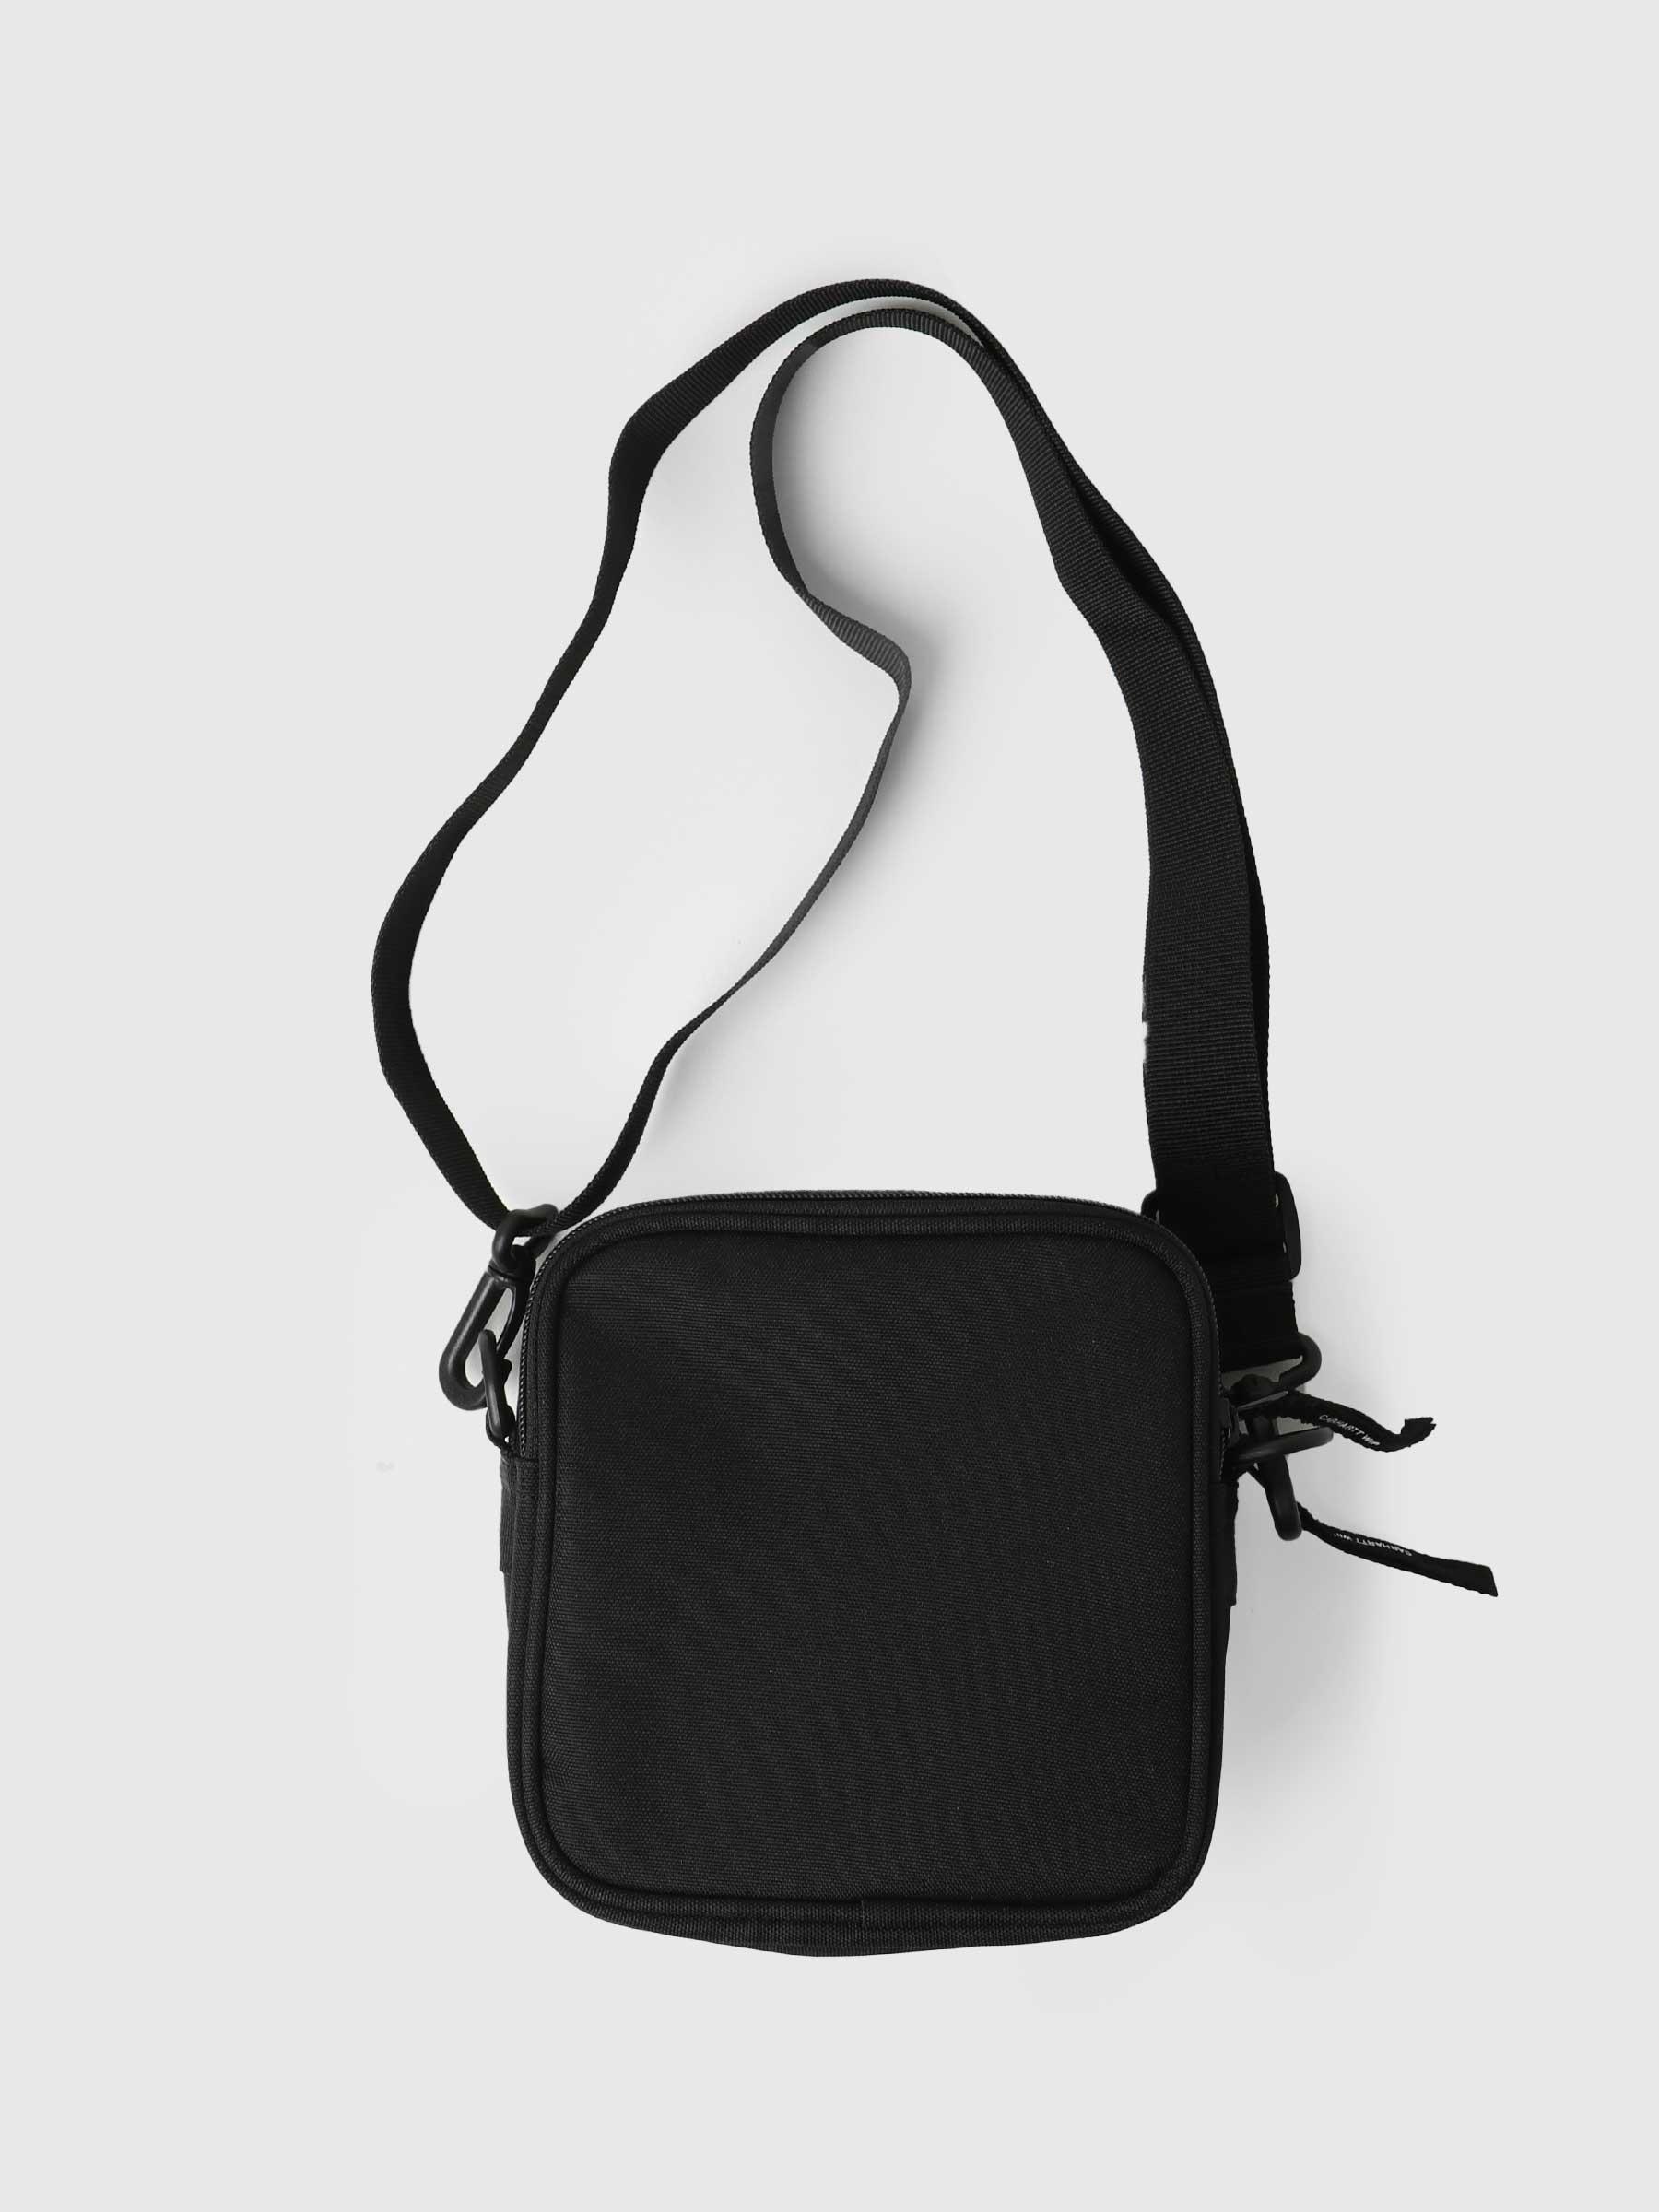 Essentials Bag Small Black I006285-89XX